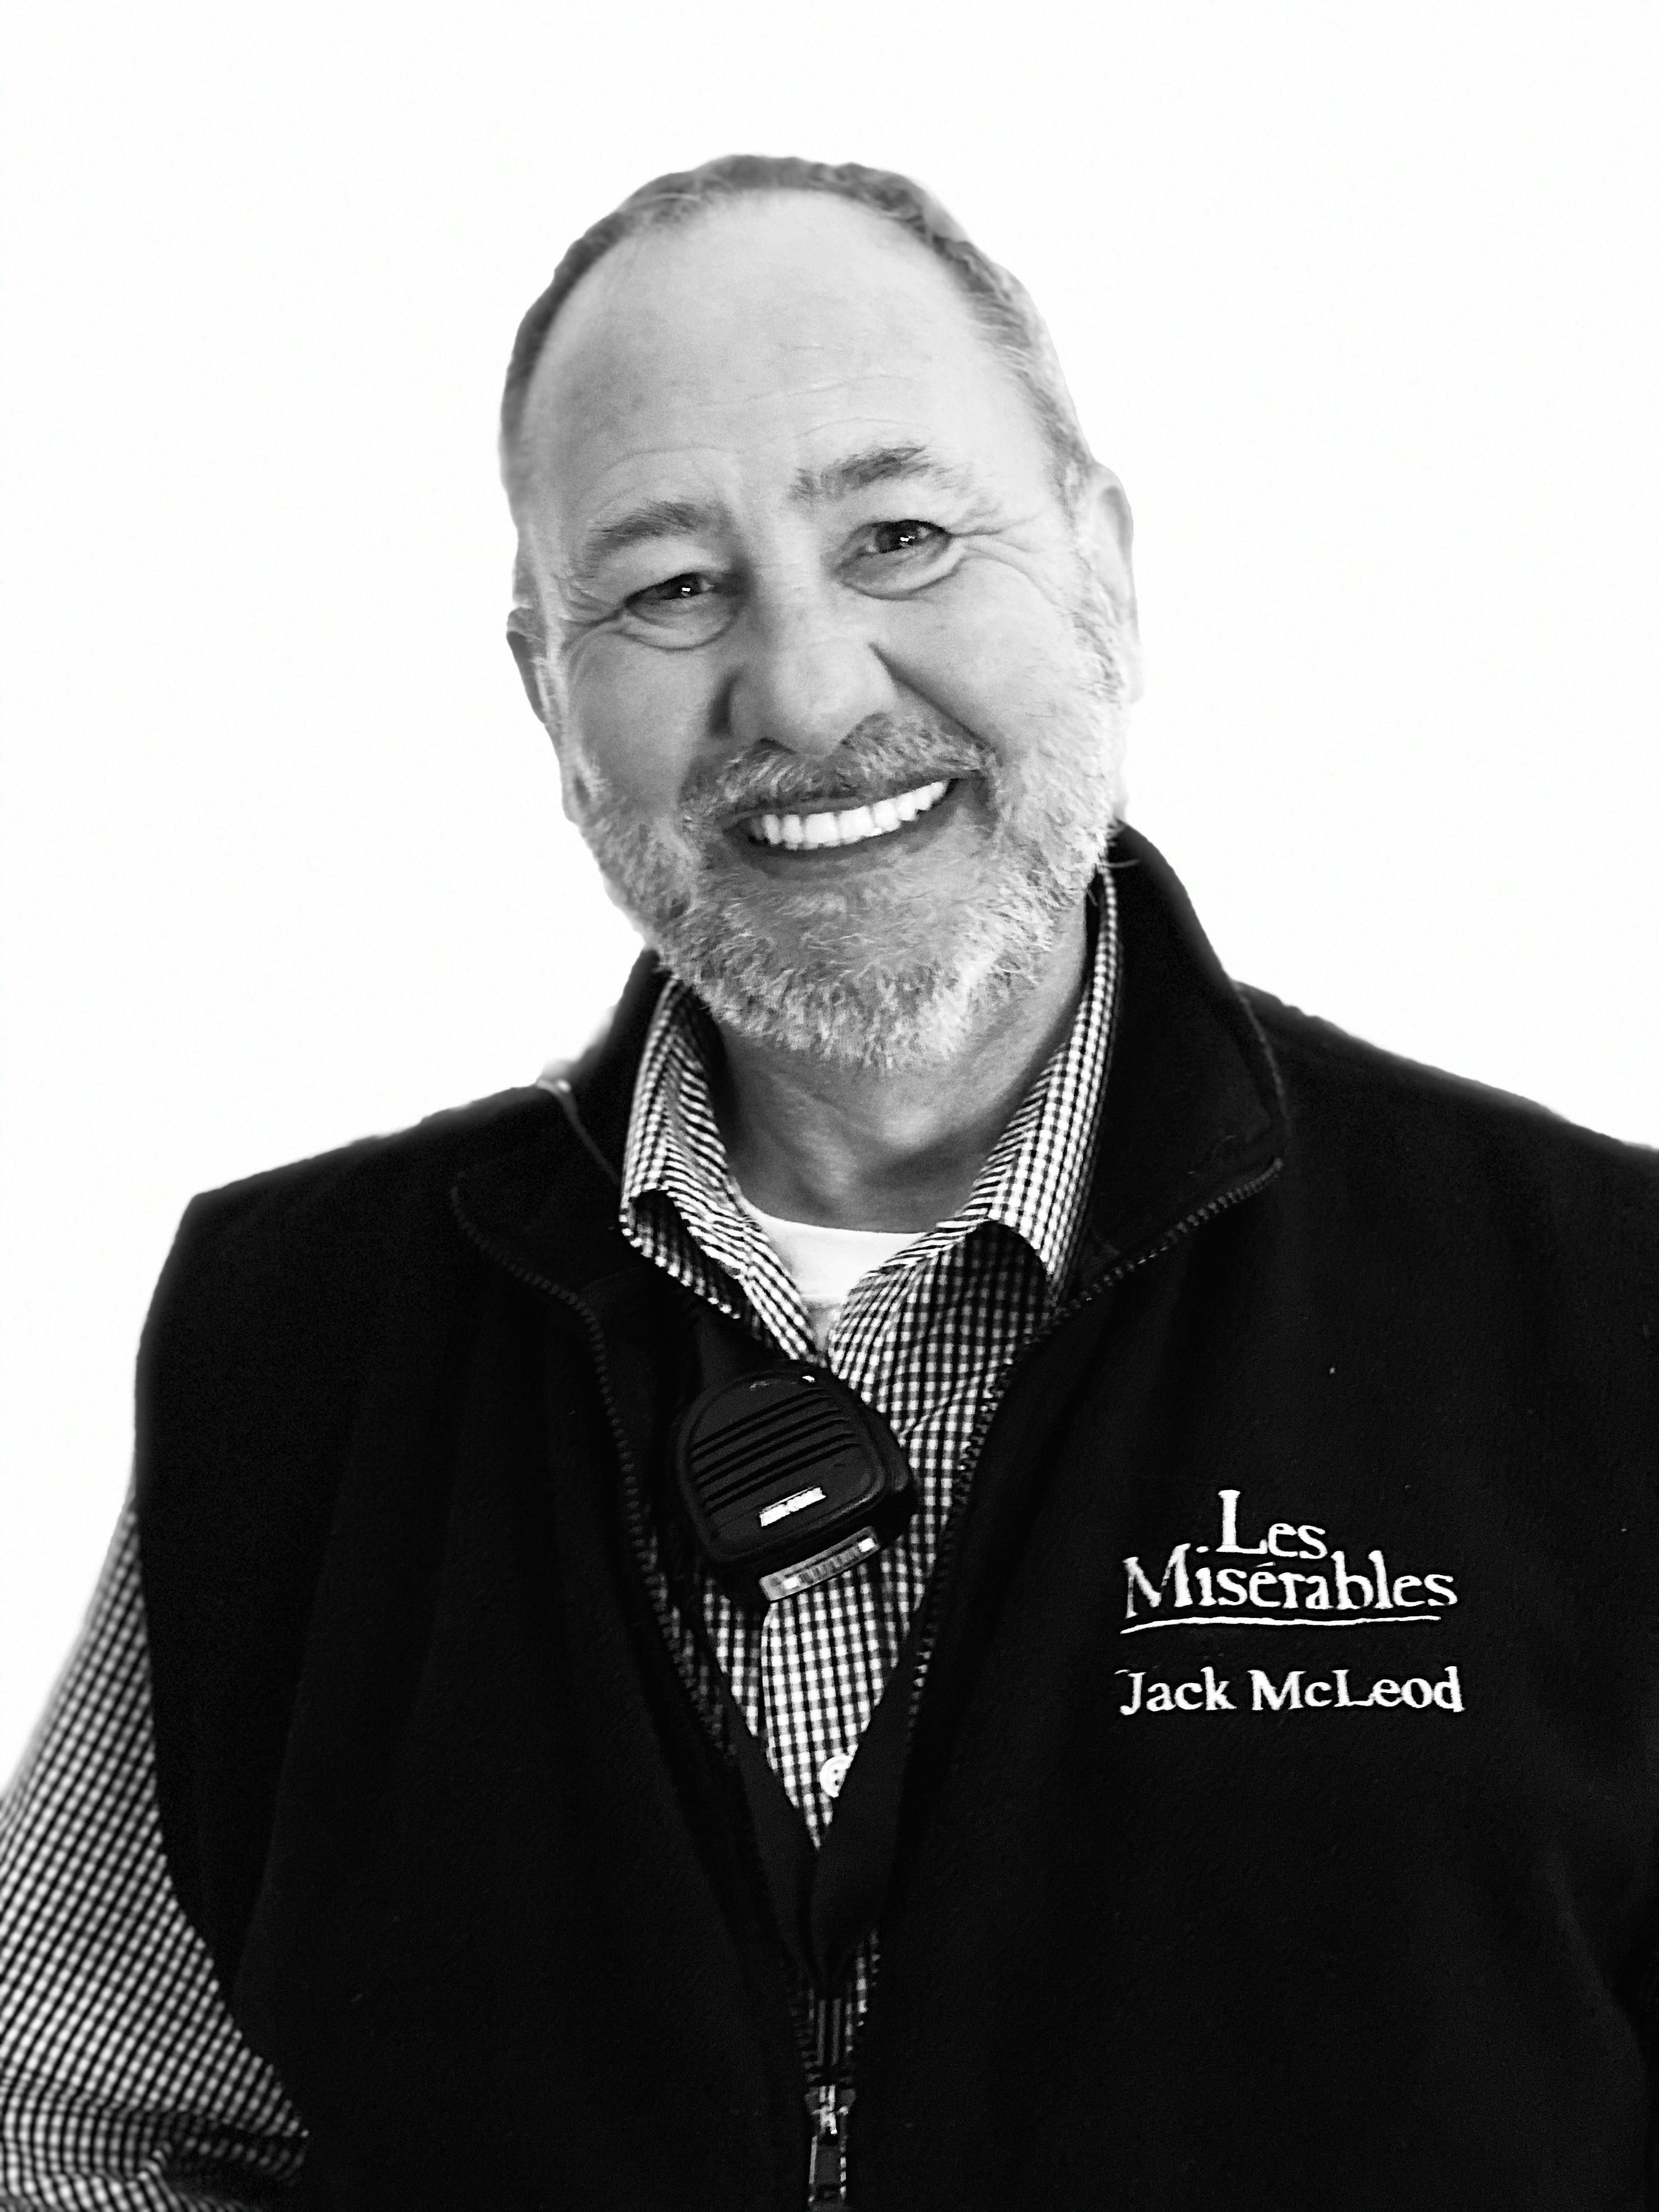 Jack McLeod